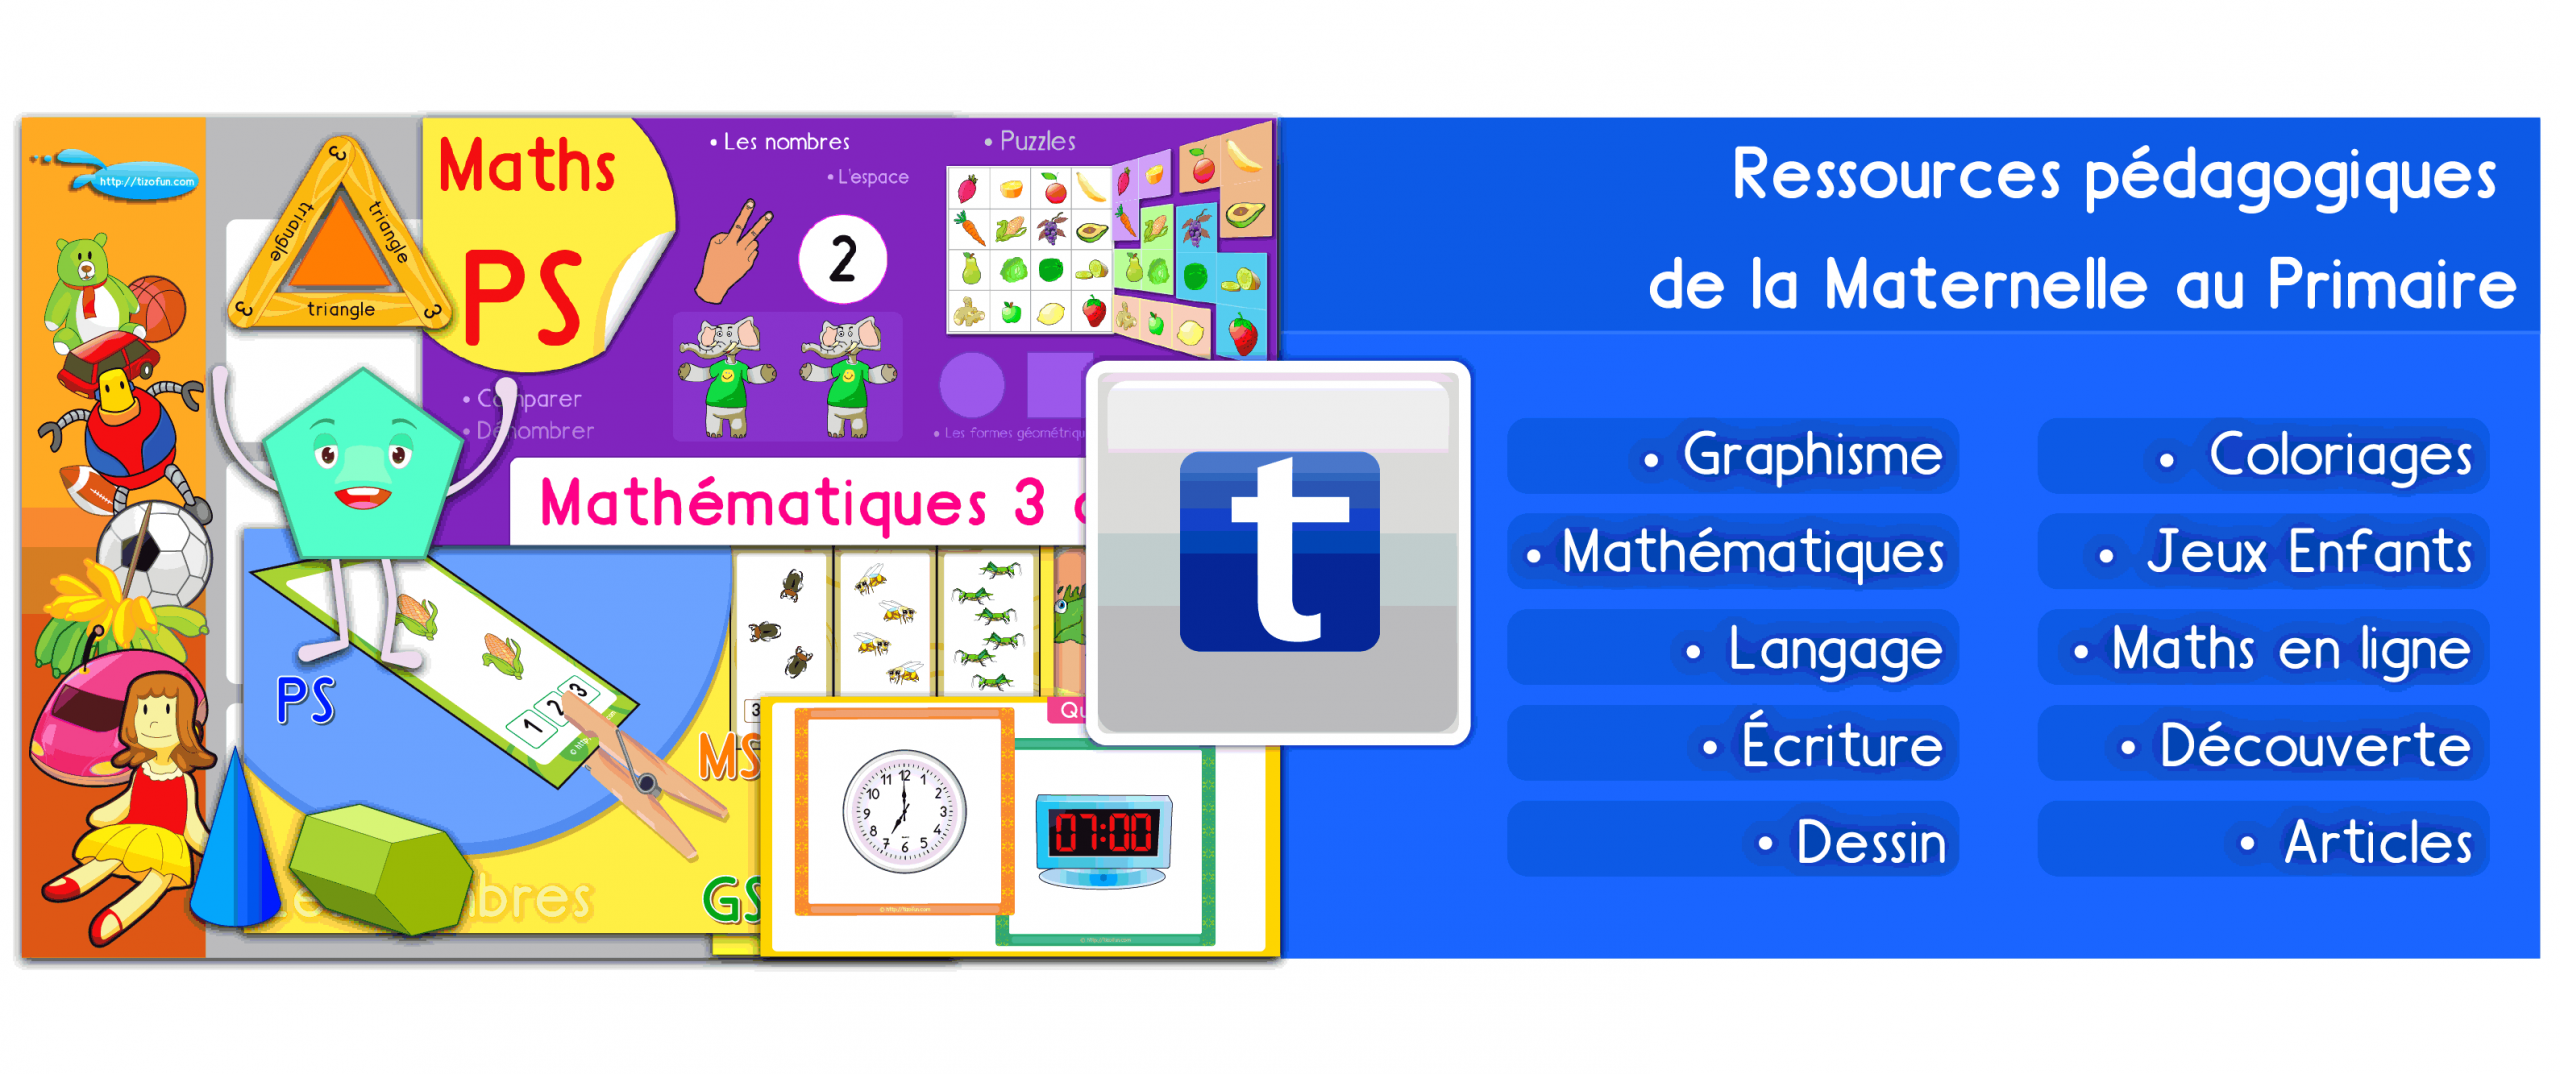 Soutien Scolaire Site Éducatif Pour La Formation Des Enfants serapportantà Jeux Éducatifs En Ligne Cp